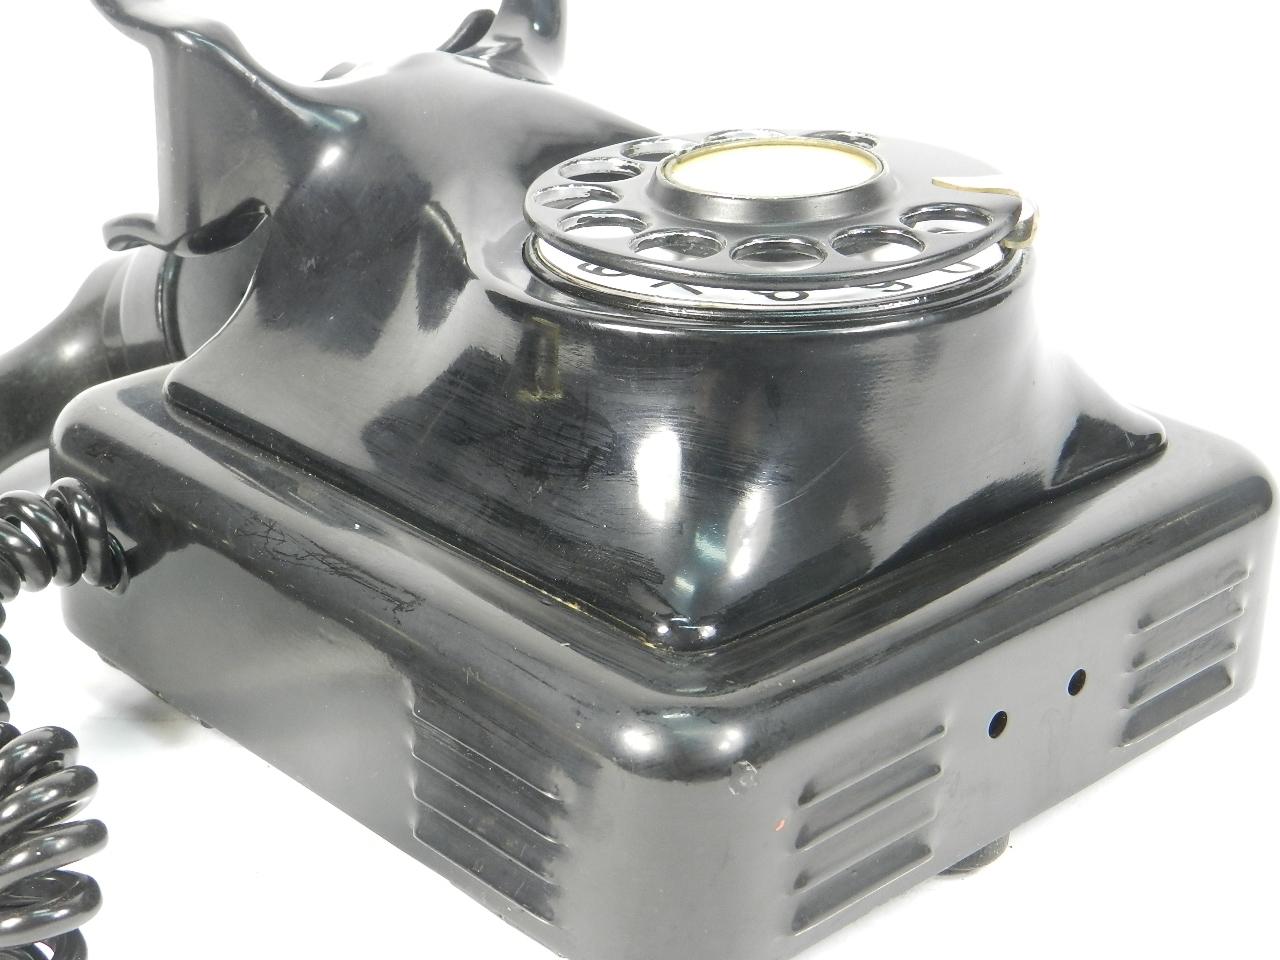 Imagen TELEFONO DE PARED 2713A AÑO 1940 41839